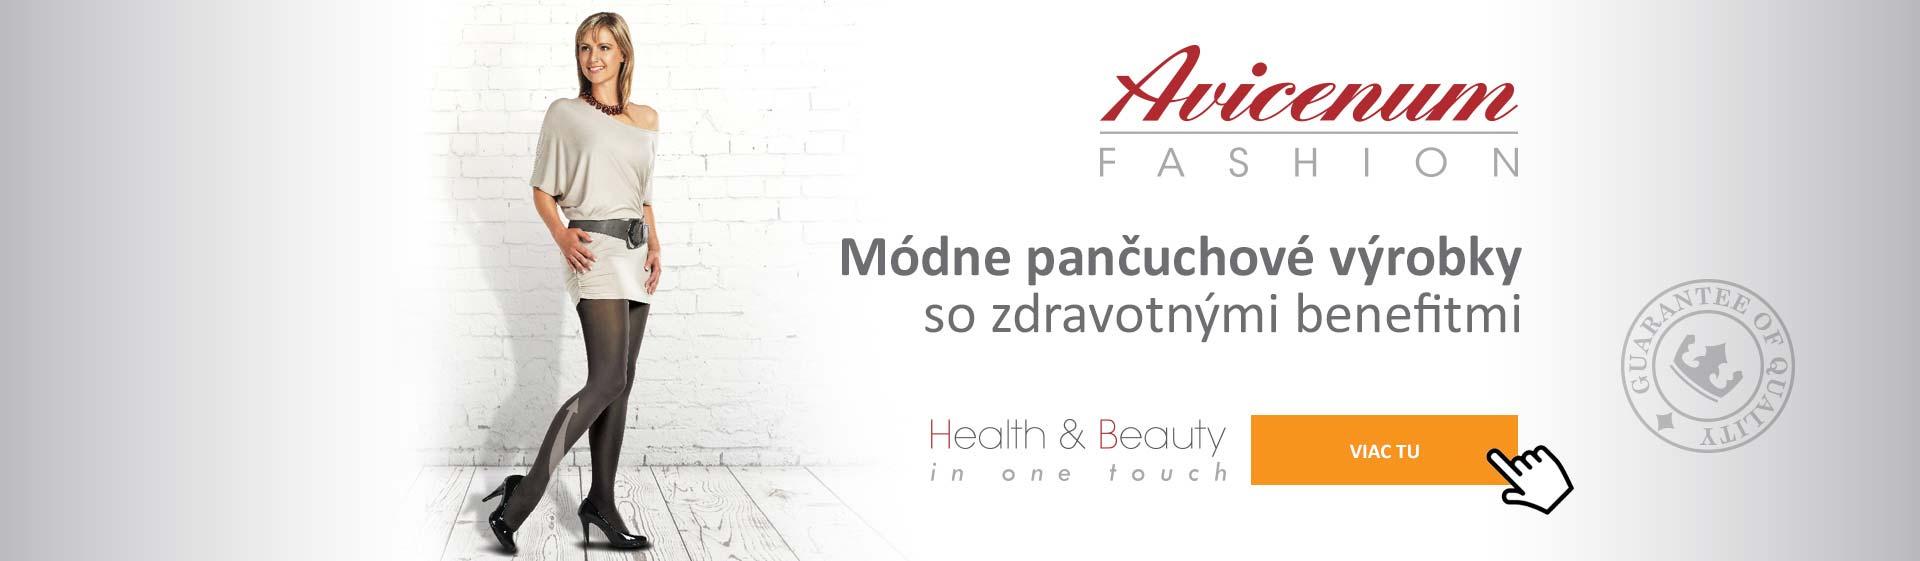 Avicenum Fashion